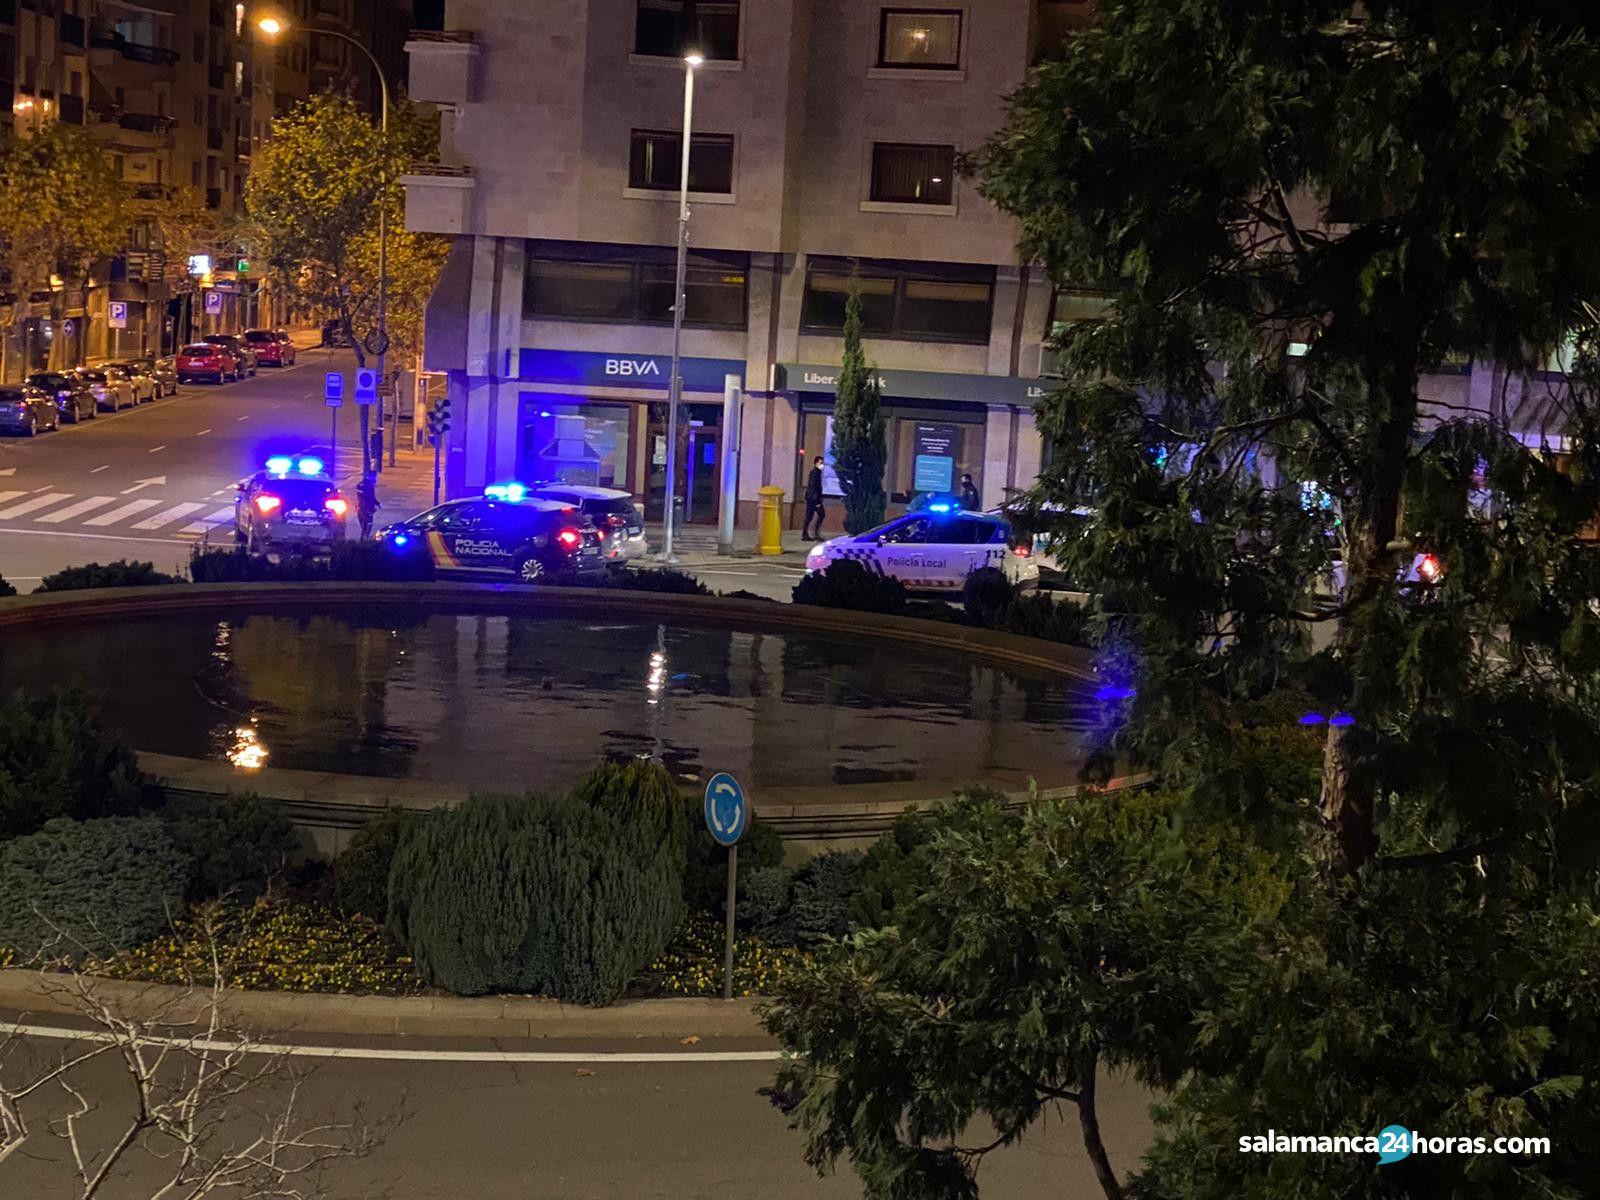 VÍDEO | Se salta el toque de queda y casi es atropellado al caerse en varias ocasiones en Puerta Zamora